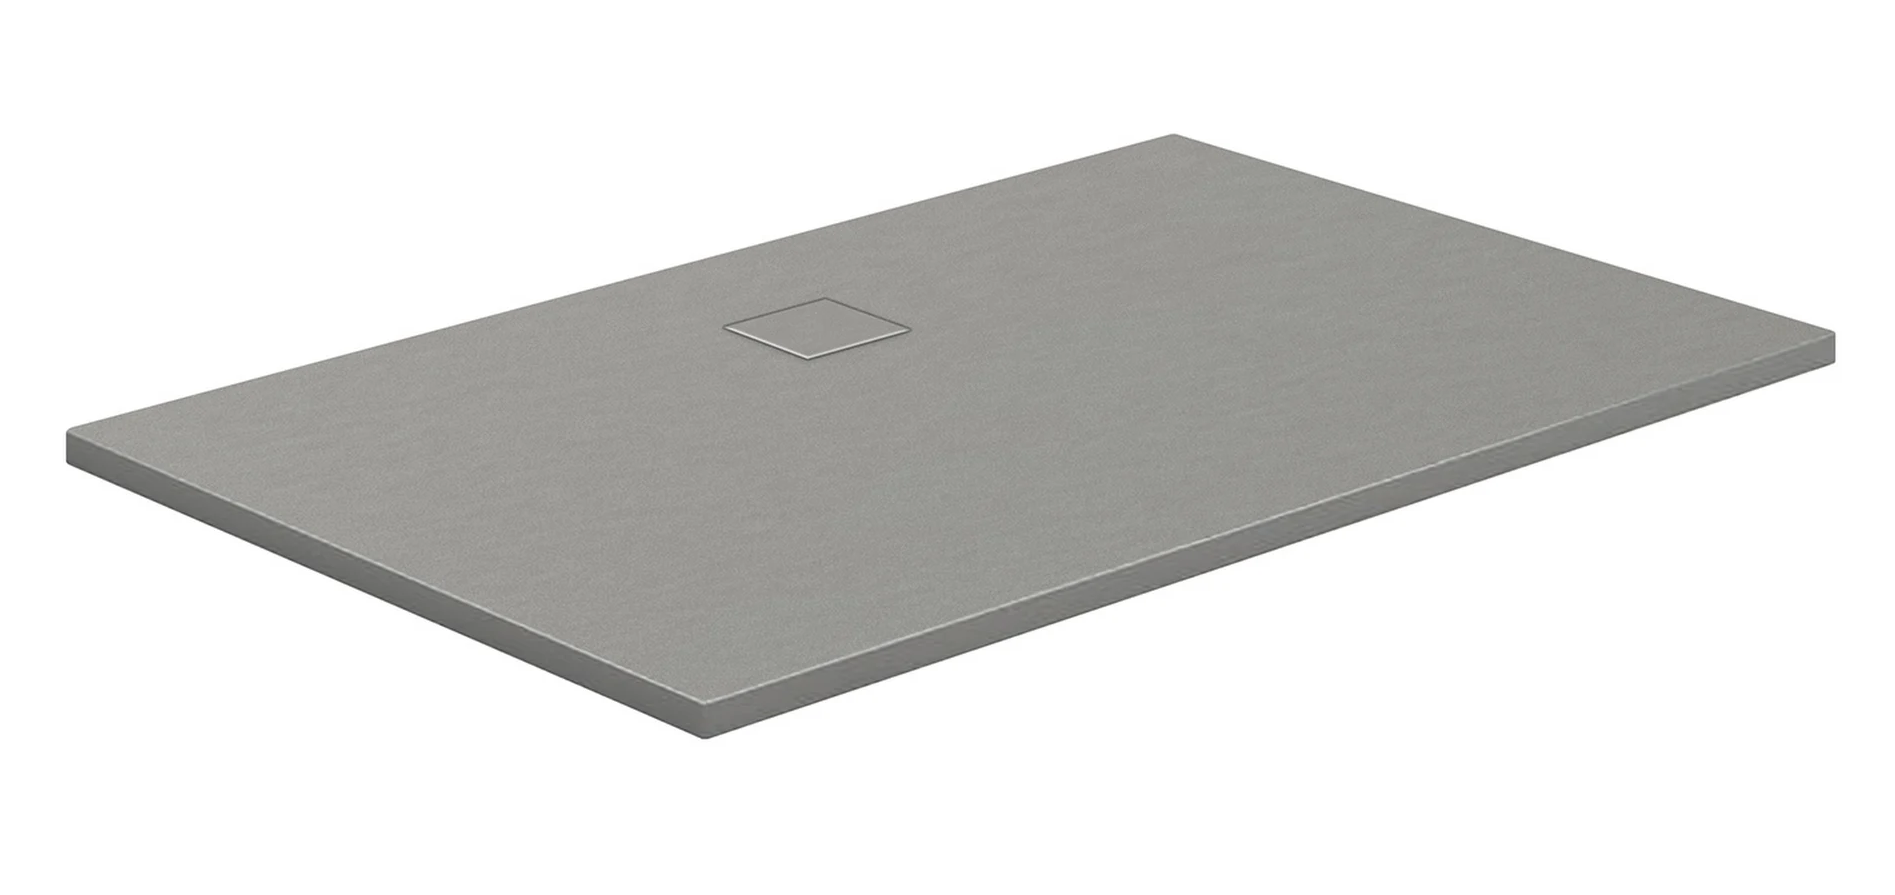 HSK Marmor-Polymer-Duschwannen, Steinoptik - Rechteck 90x120 Anthrazit ohne AntiSlip-Beschichtigung